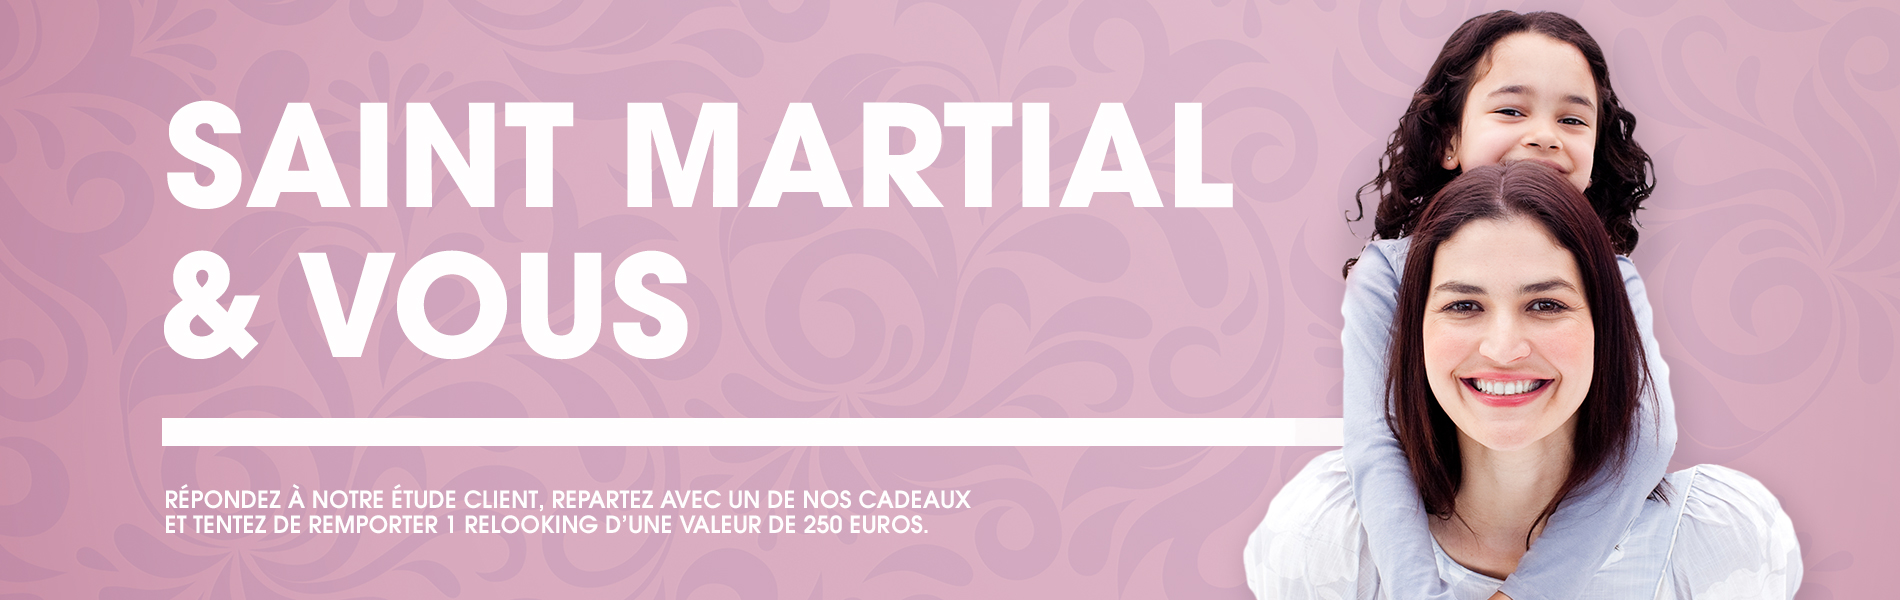 Saint Martial - Sondage 2018